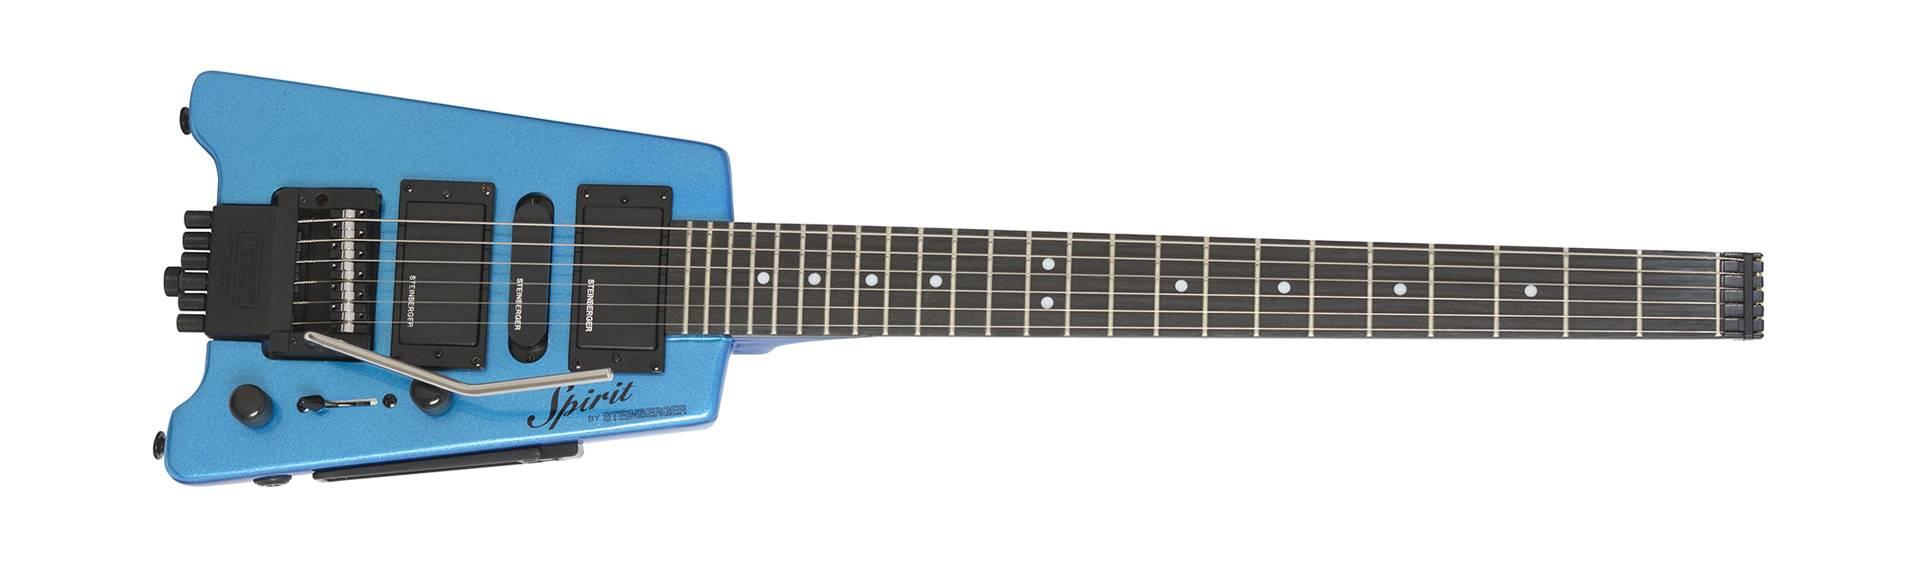 GT Pro Deluxe in Frost Blue